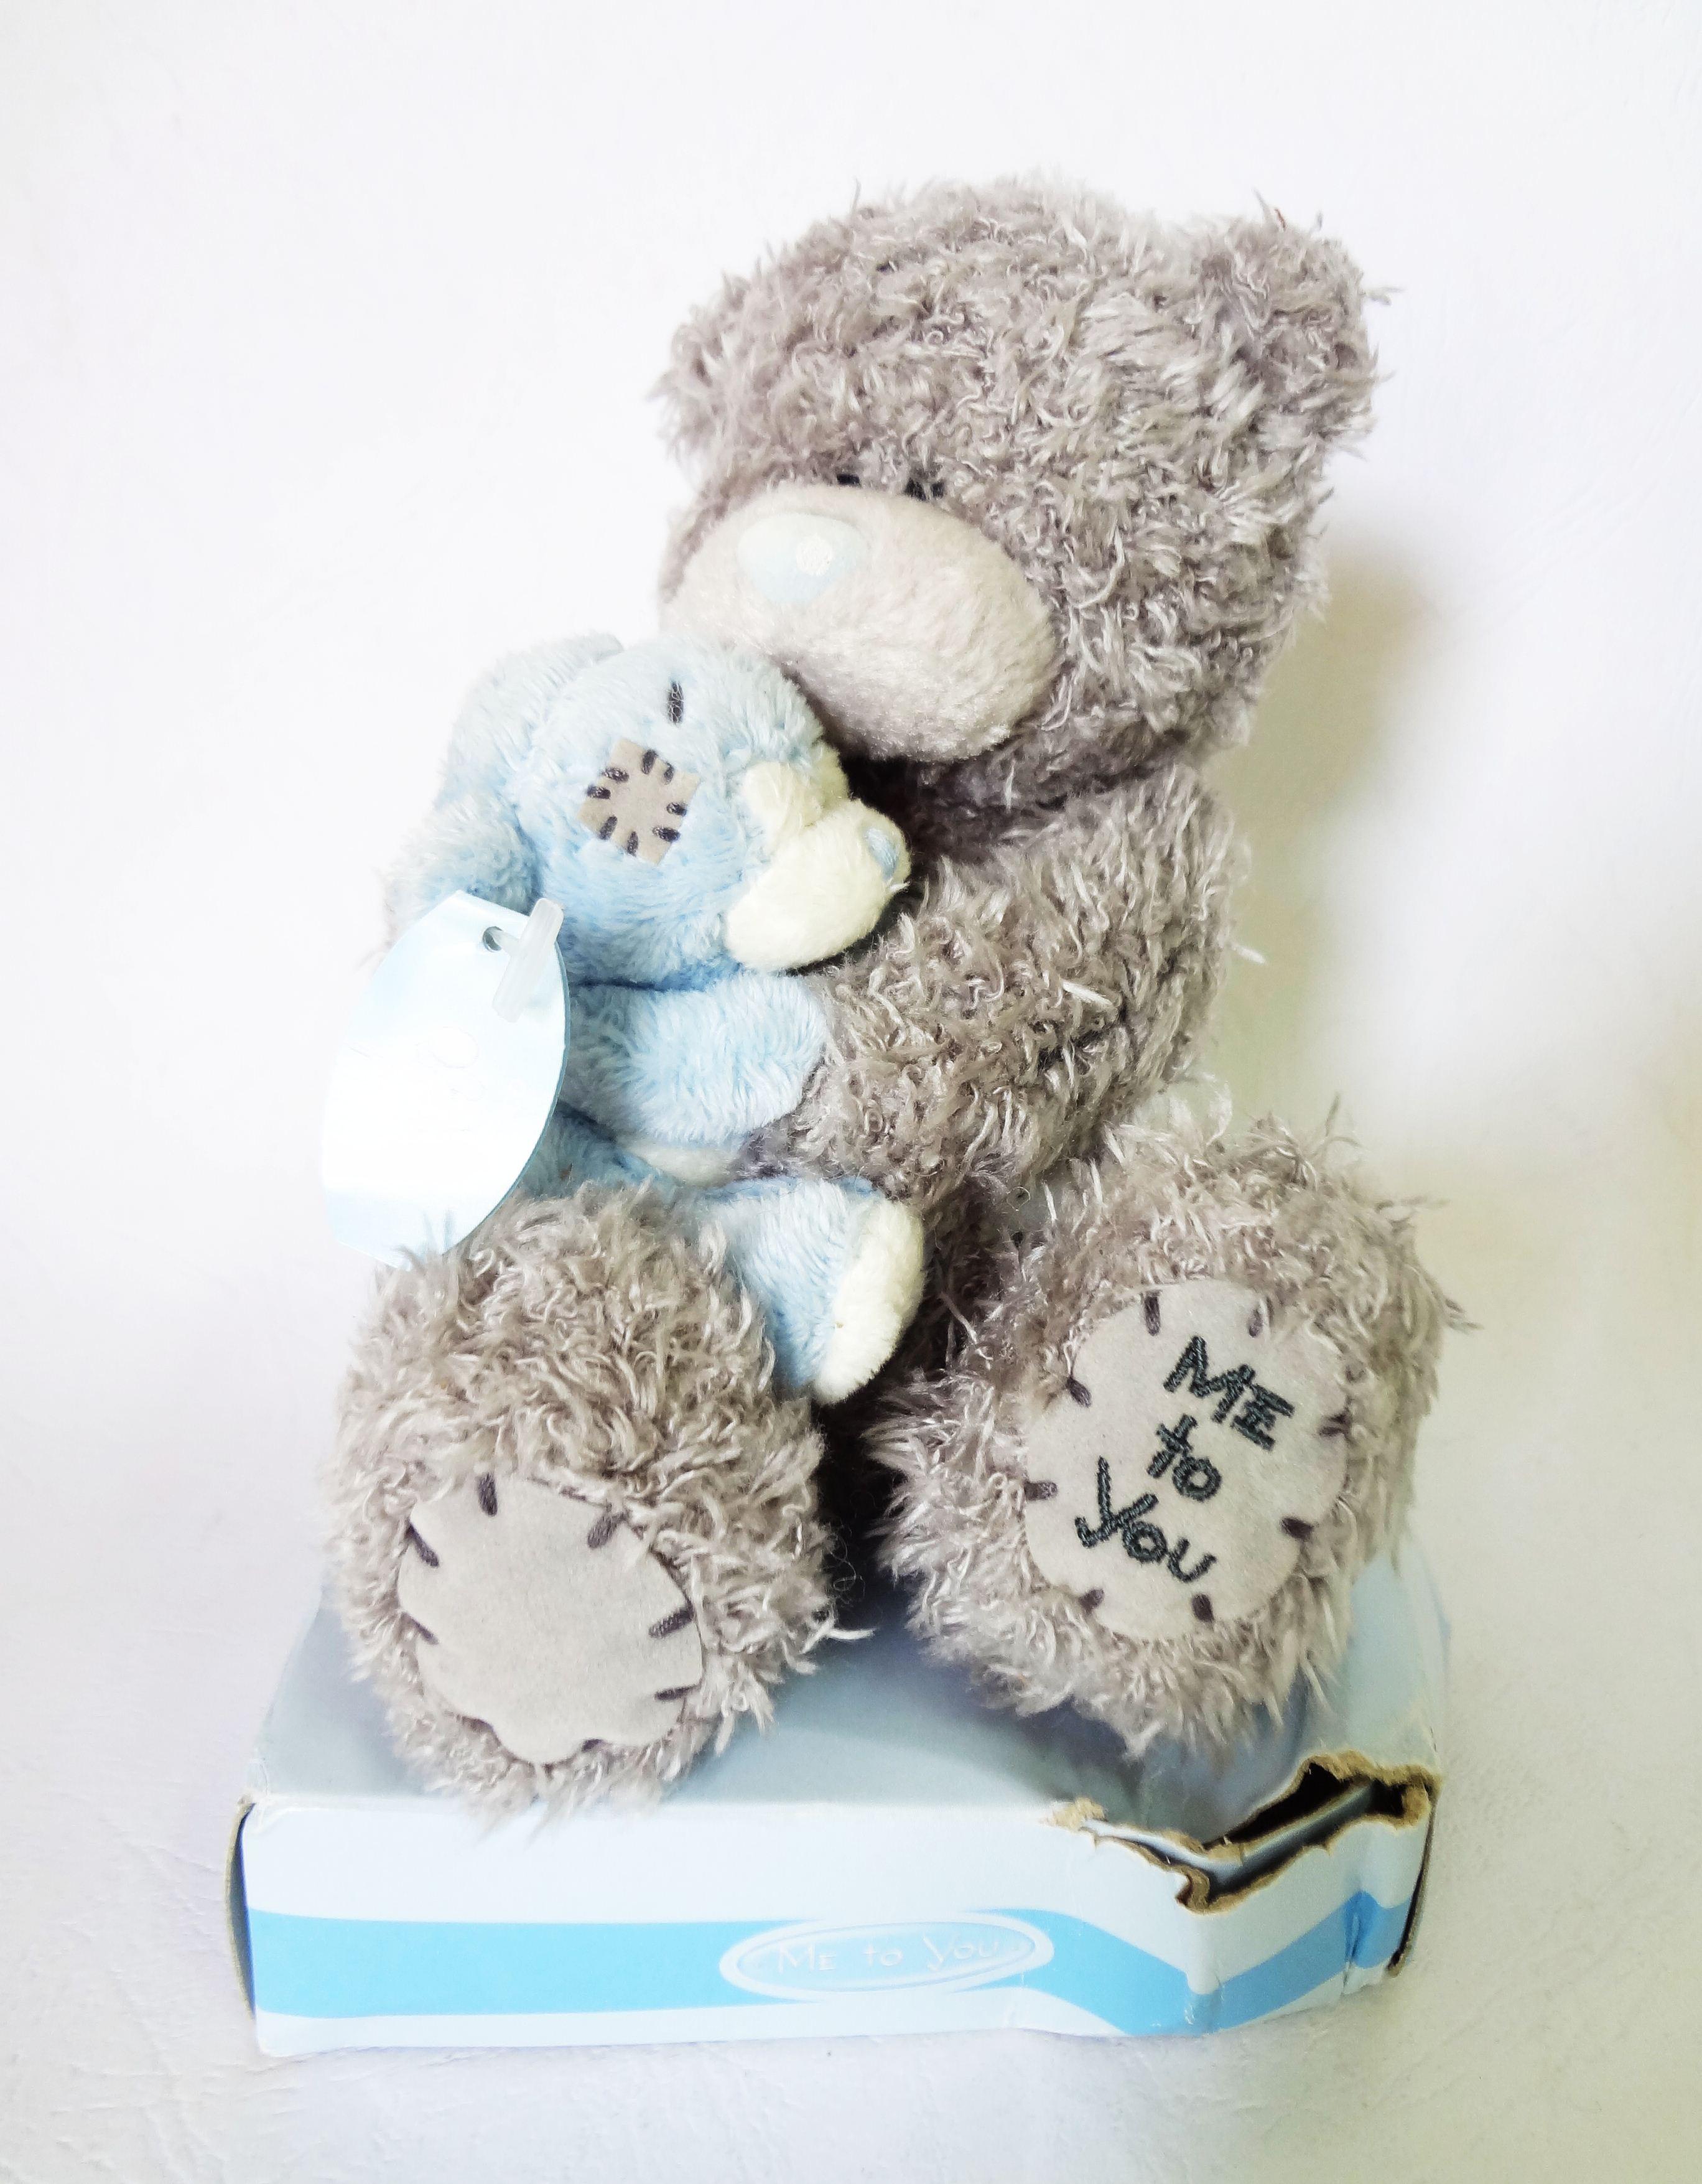 ตุ๊กตาหมี Me to You กอดตุ๊กตาลิง Coco